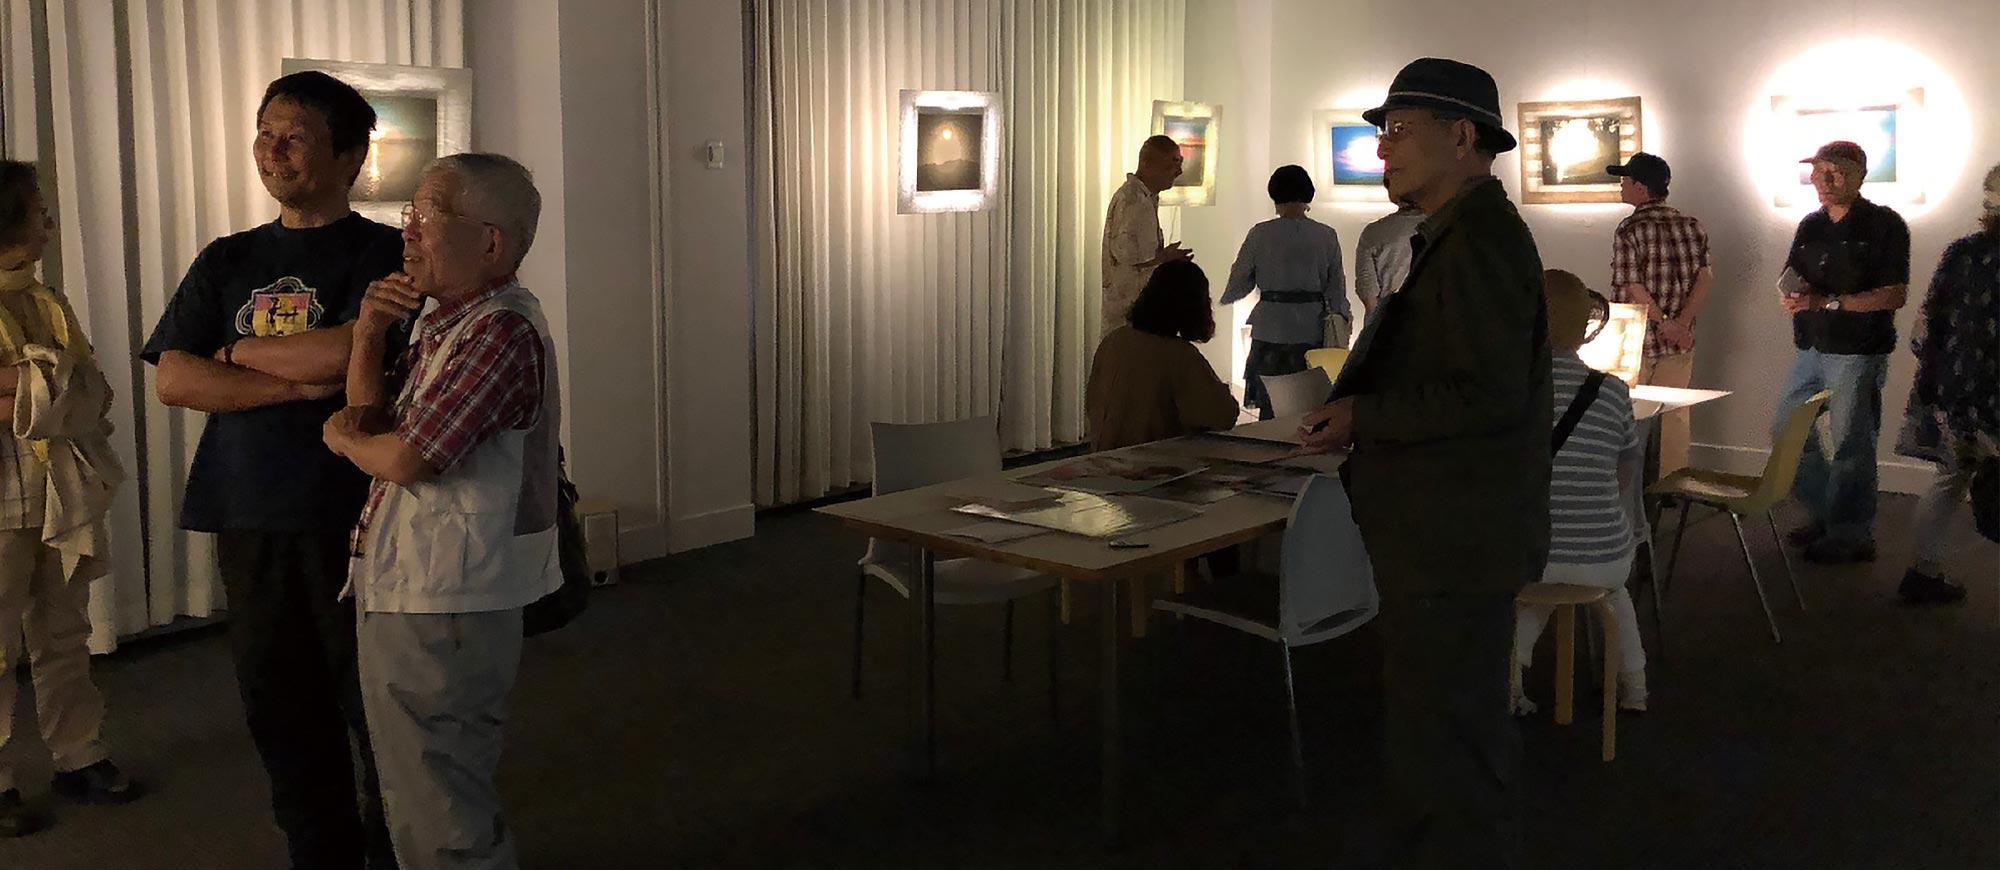 和紙ック展開催や各店舗・イベントへの展示実績